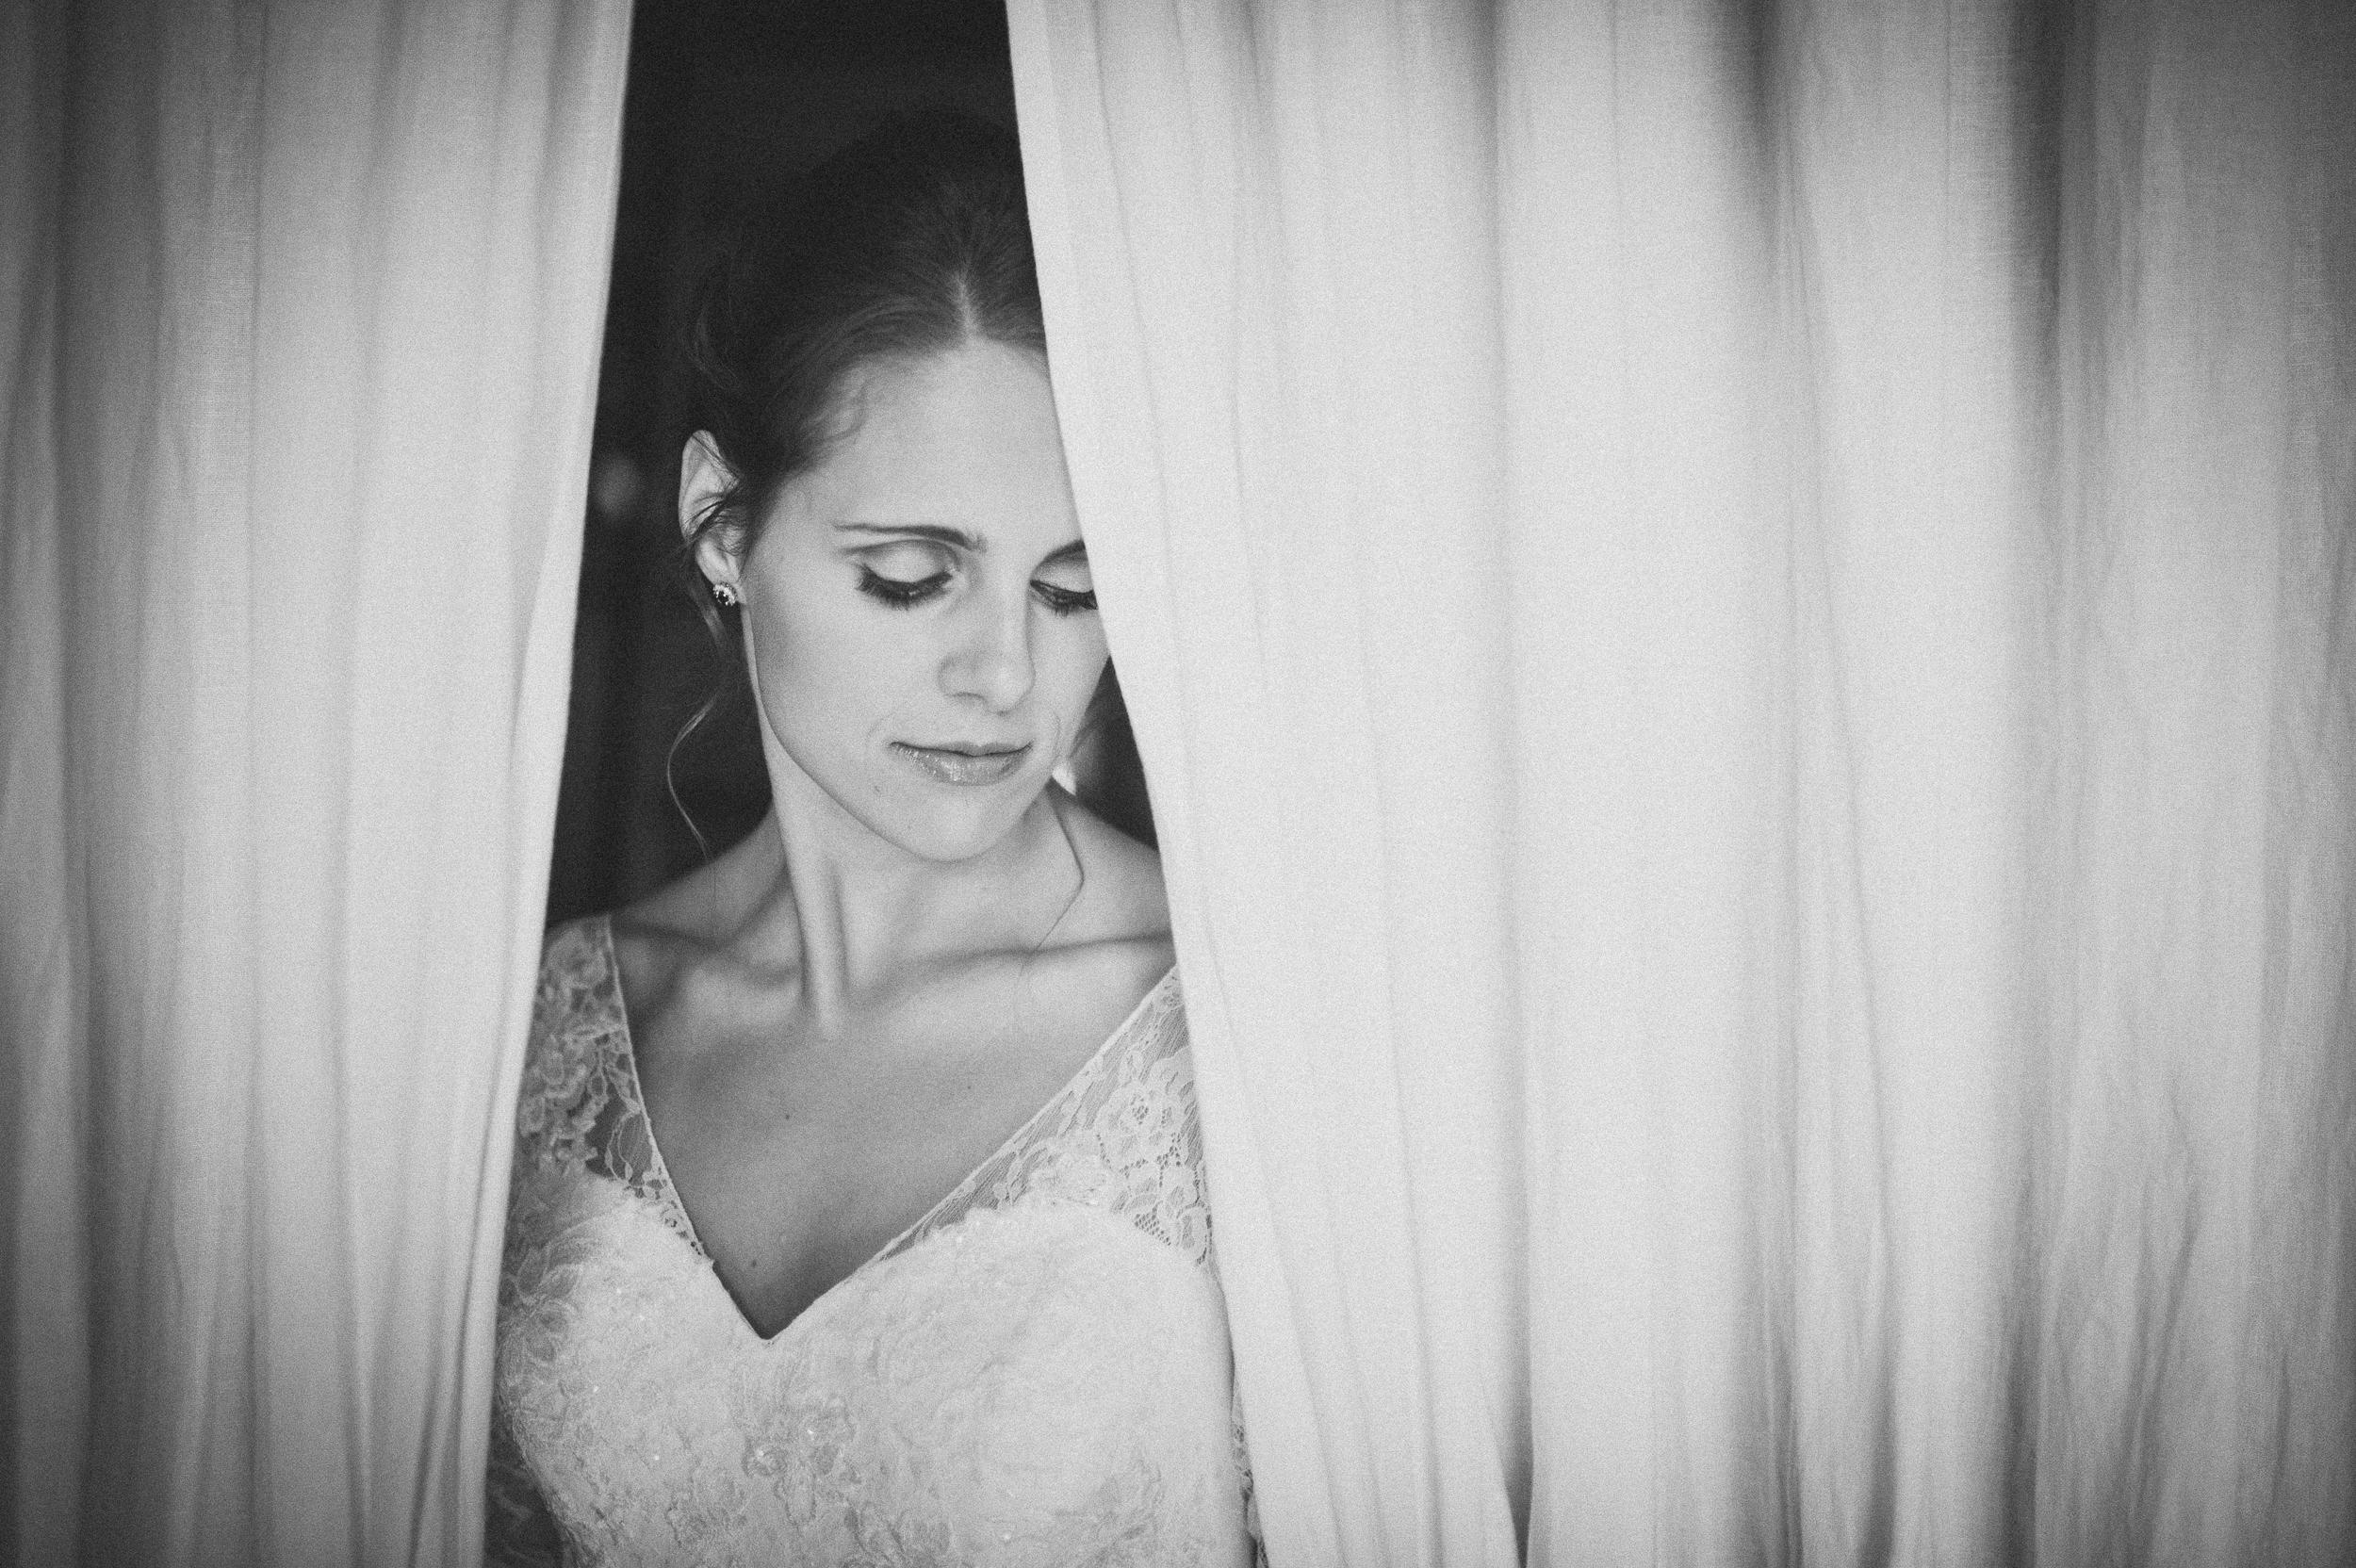 thousand-acre-farm-wedding-photographer-21.jpg